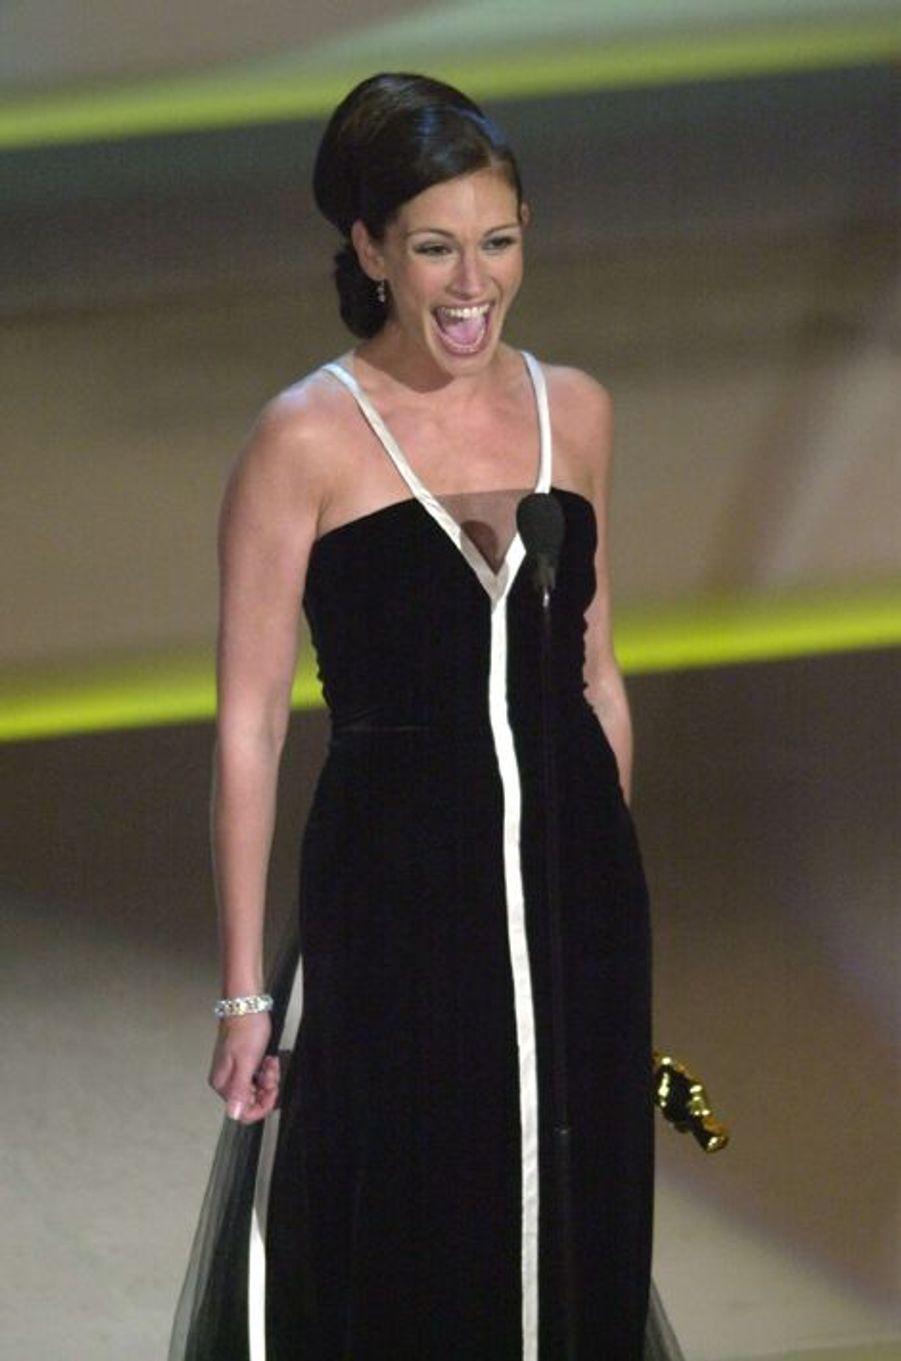 Grande gagnante de l'Oscar de la meilleure actrice pour son film «Erin Brockovich» en 2001, c'est une Julia Roberts débordante de joie qui monte sur scène pour récupérer son trophée. Malgré un discours chronométré à la seconde près, la comédienne prend le temps de savourer cet instant avec humour en remerciant son entourage et ses nombreux partenaires de tournage.